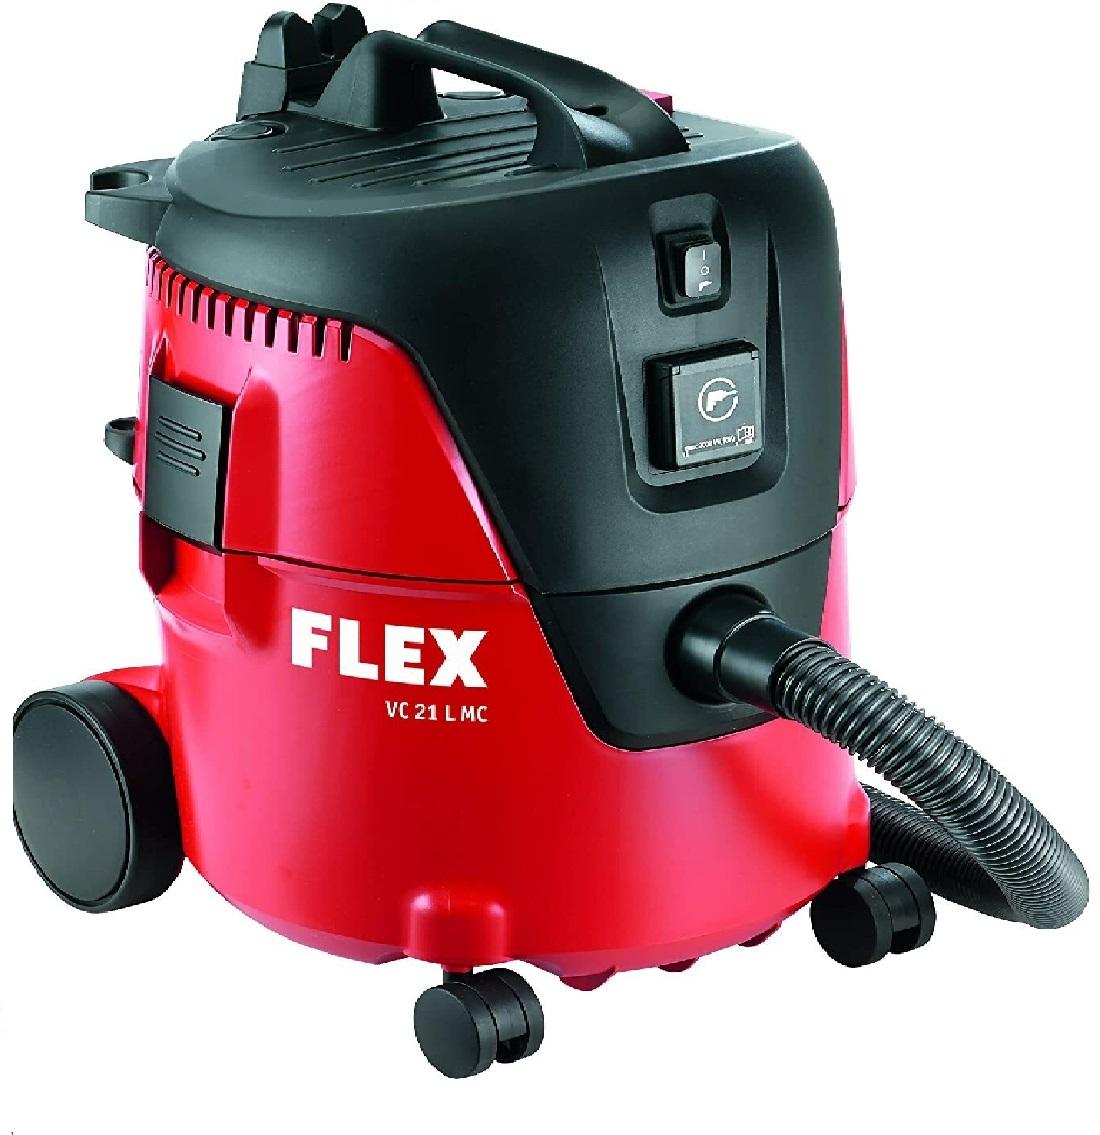 Flex vacuum cleaners